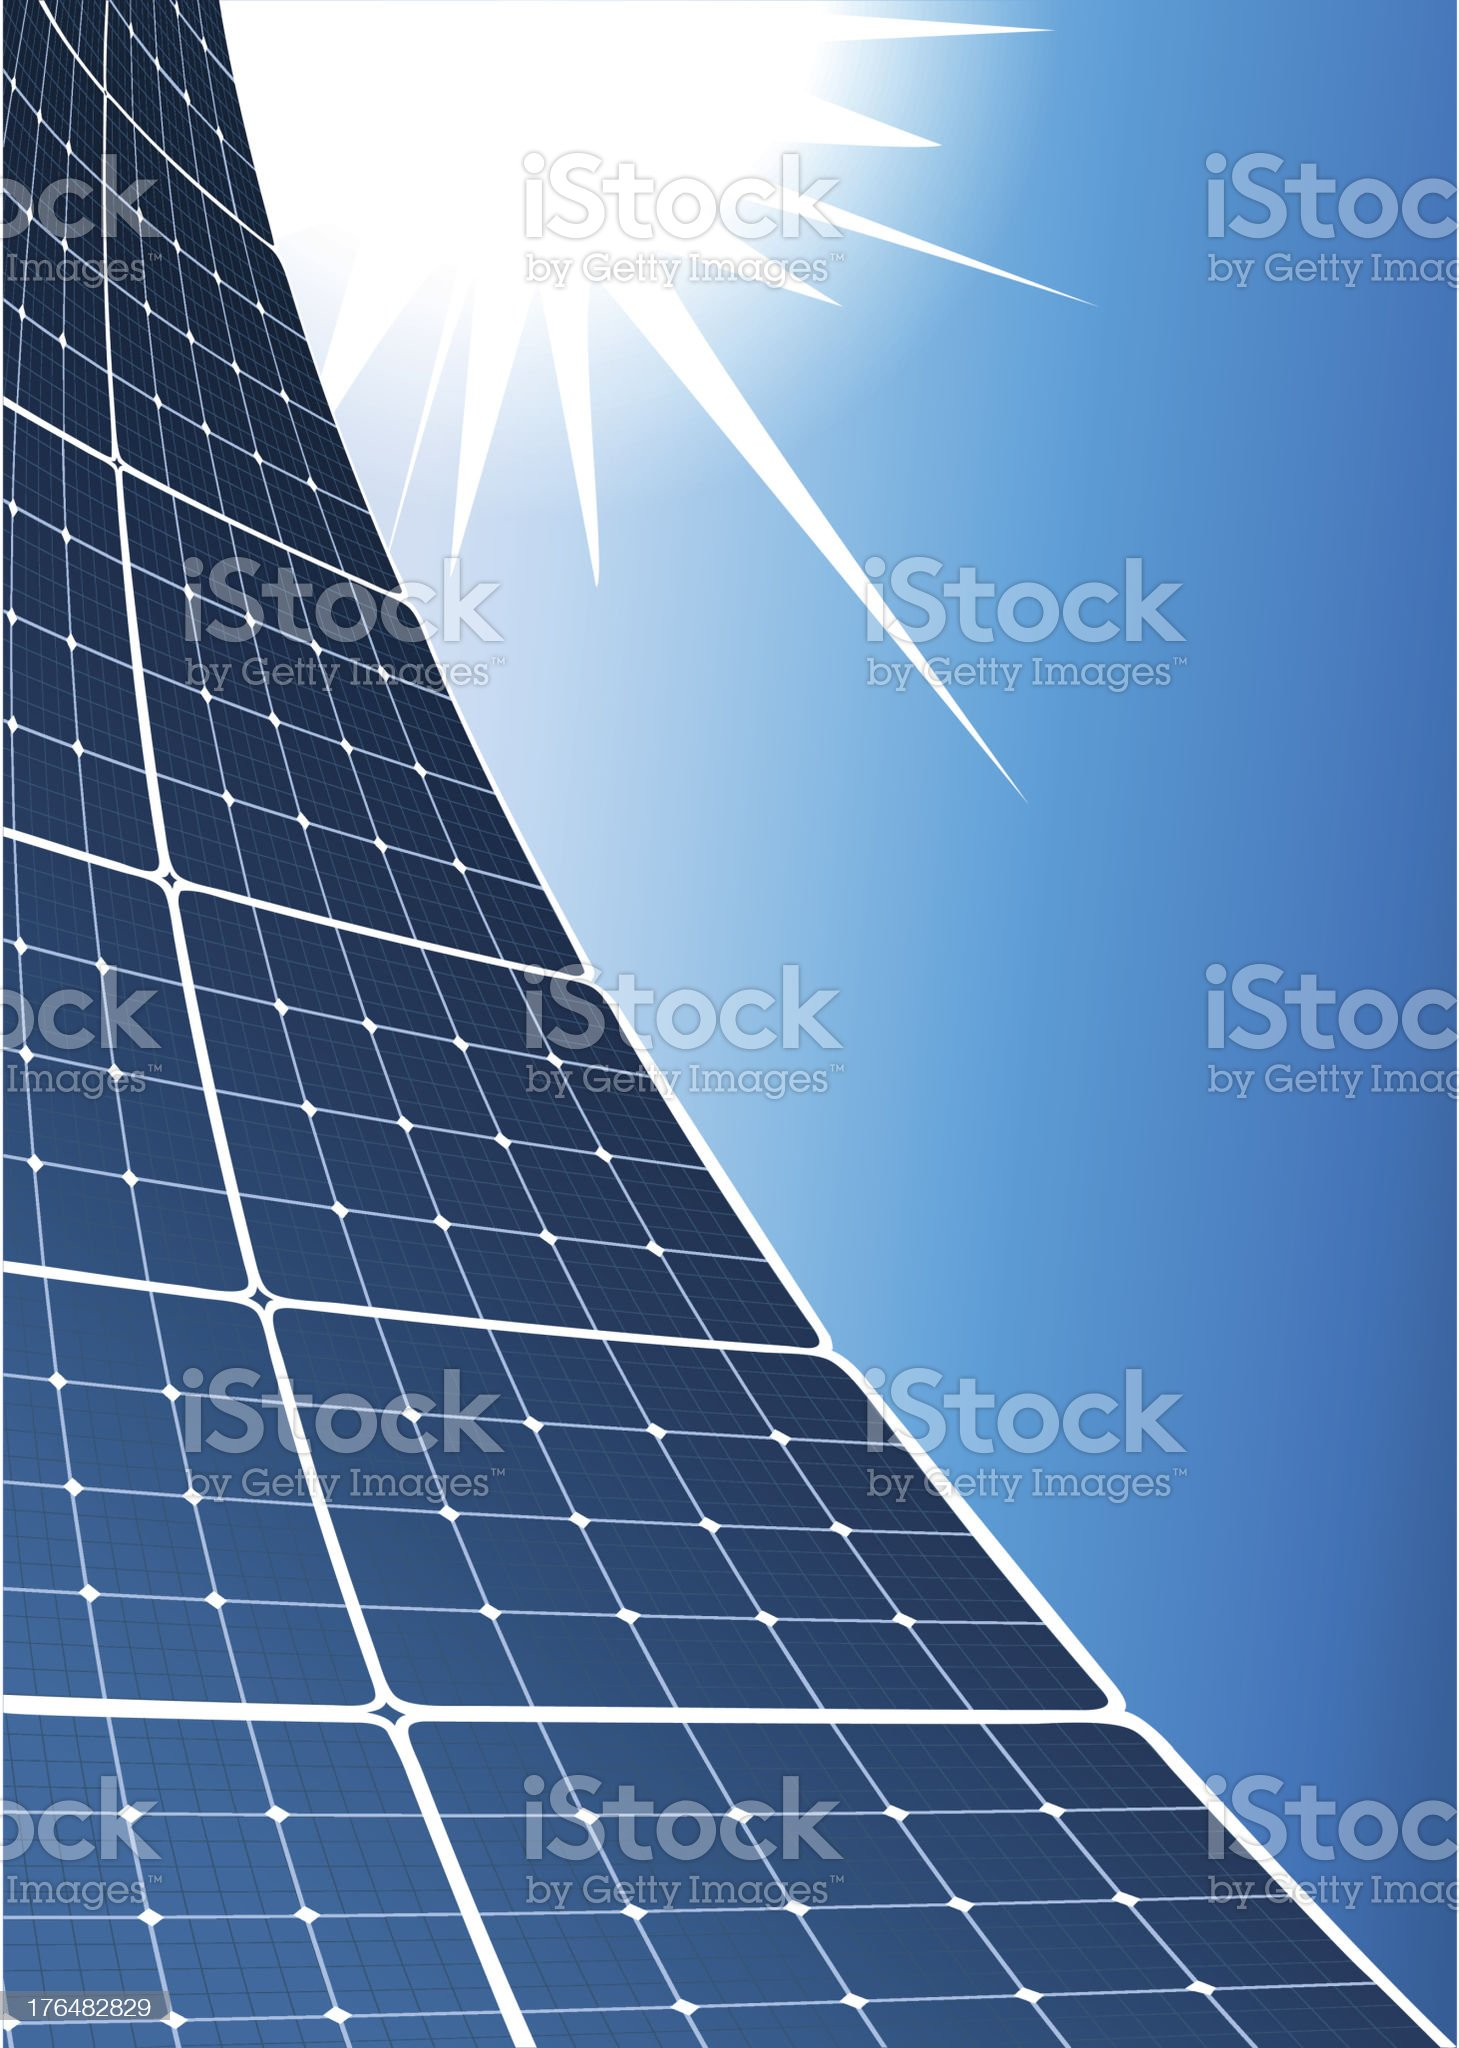 Solar collector royalty-free stock vector art